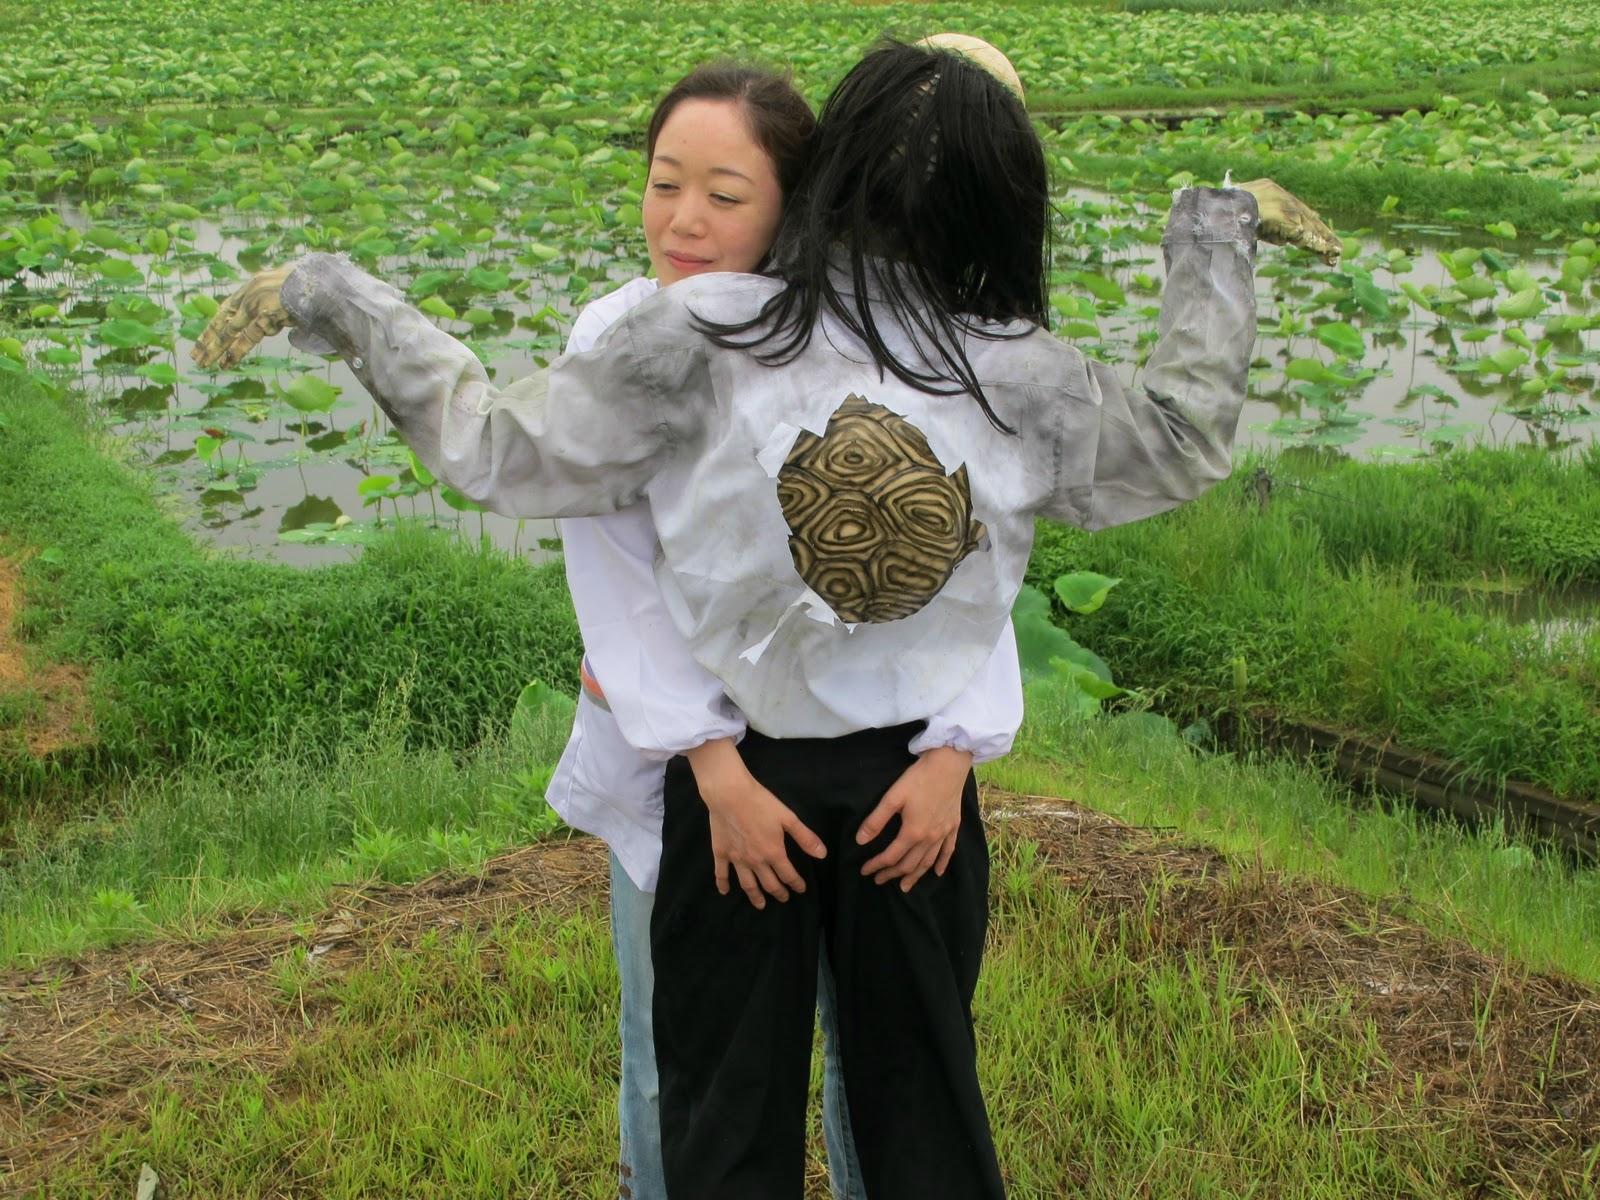 http://2.bp.blogspot.com/-WRuRN429gcU/ToW_zW50qKI/AAAAAAAACIs/VgKp5xDVaTM/s1600/Underwater+Love+-+42euc+-+Imgur.jpg